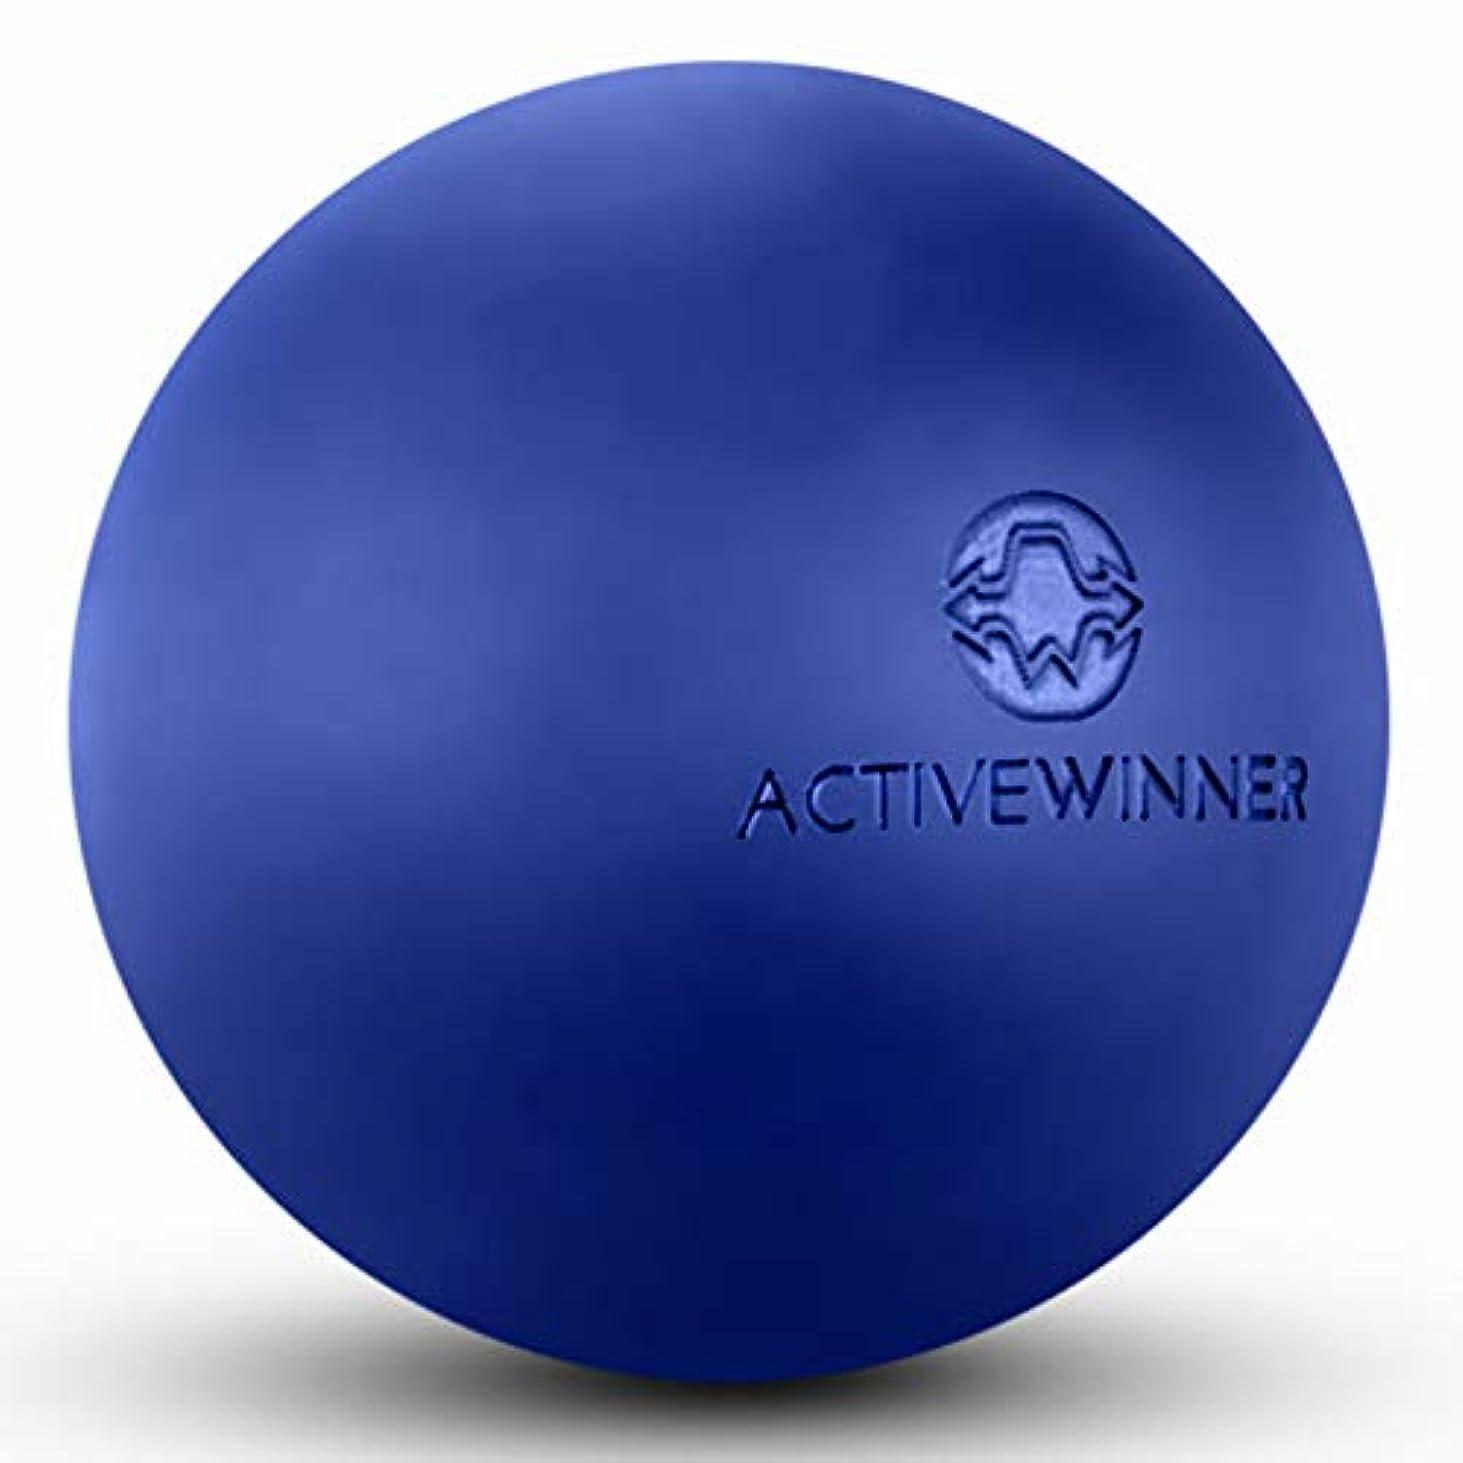 からかうルール推進力Active Winner マッサージボール トリガーポイント (ネイビー) ストレッチボール 筋膜リリース トレーニング 背中 肩こり 腰 ふくらはぎ 足 ツボ押し